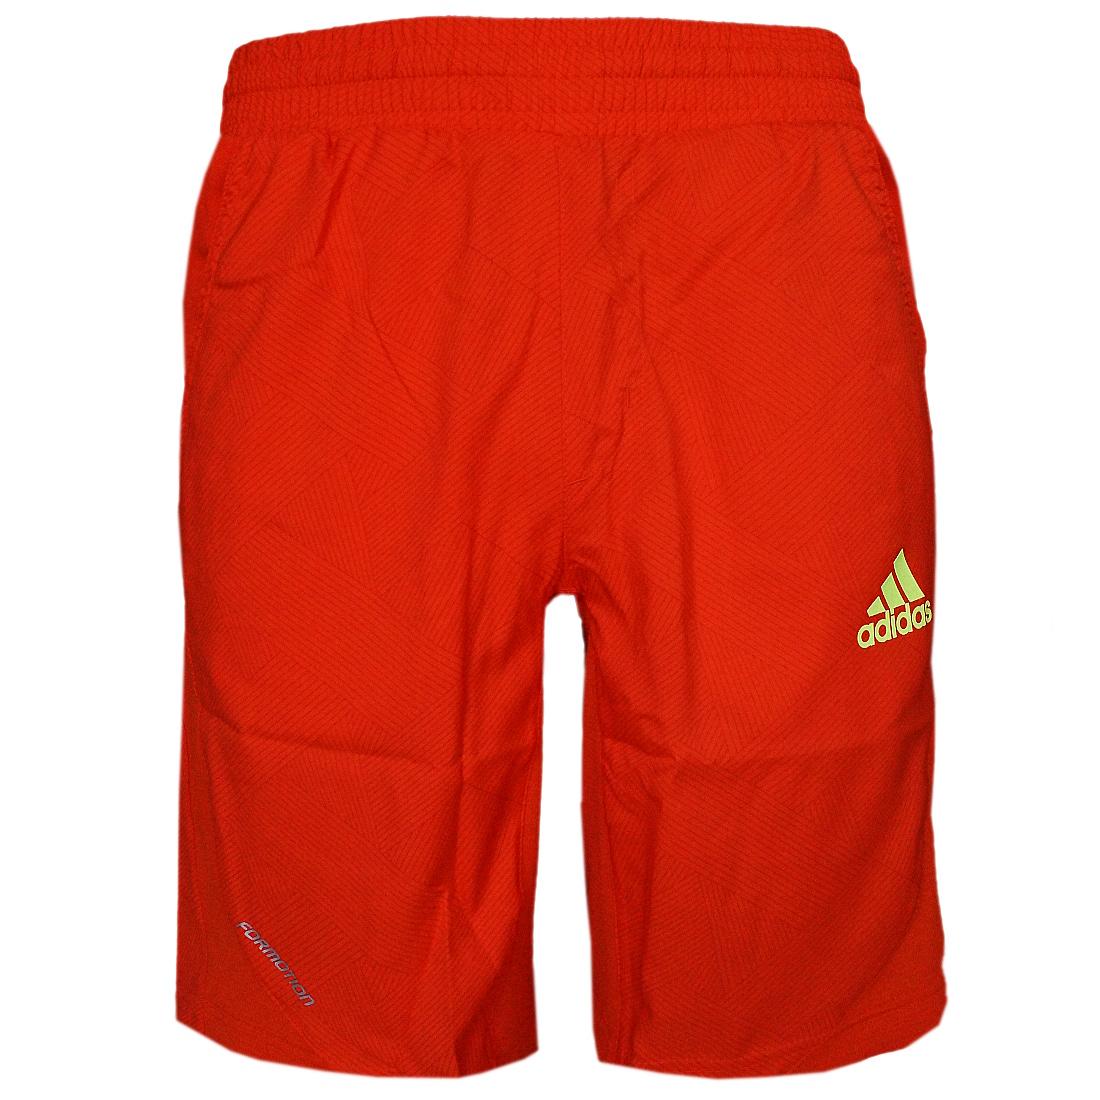 about Adidas M adizero Bermuda Herren Short Schwimmhose rot Badehose